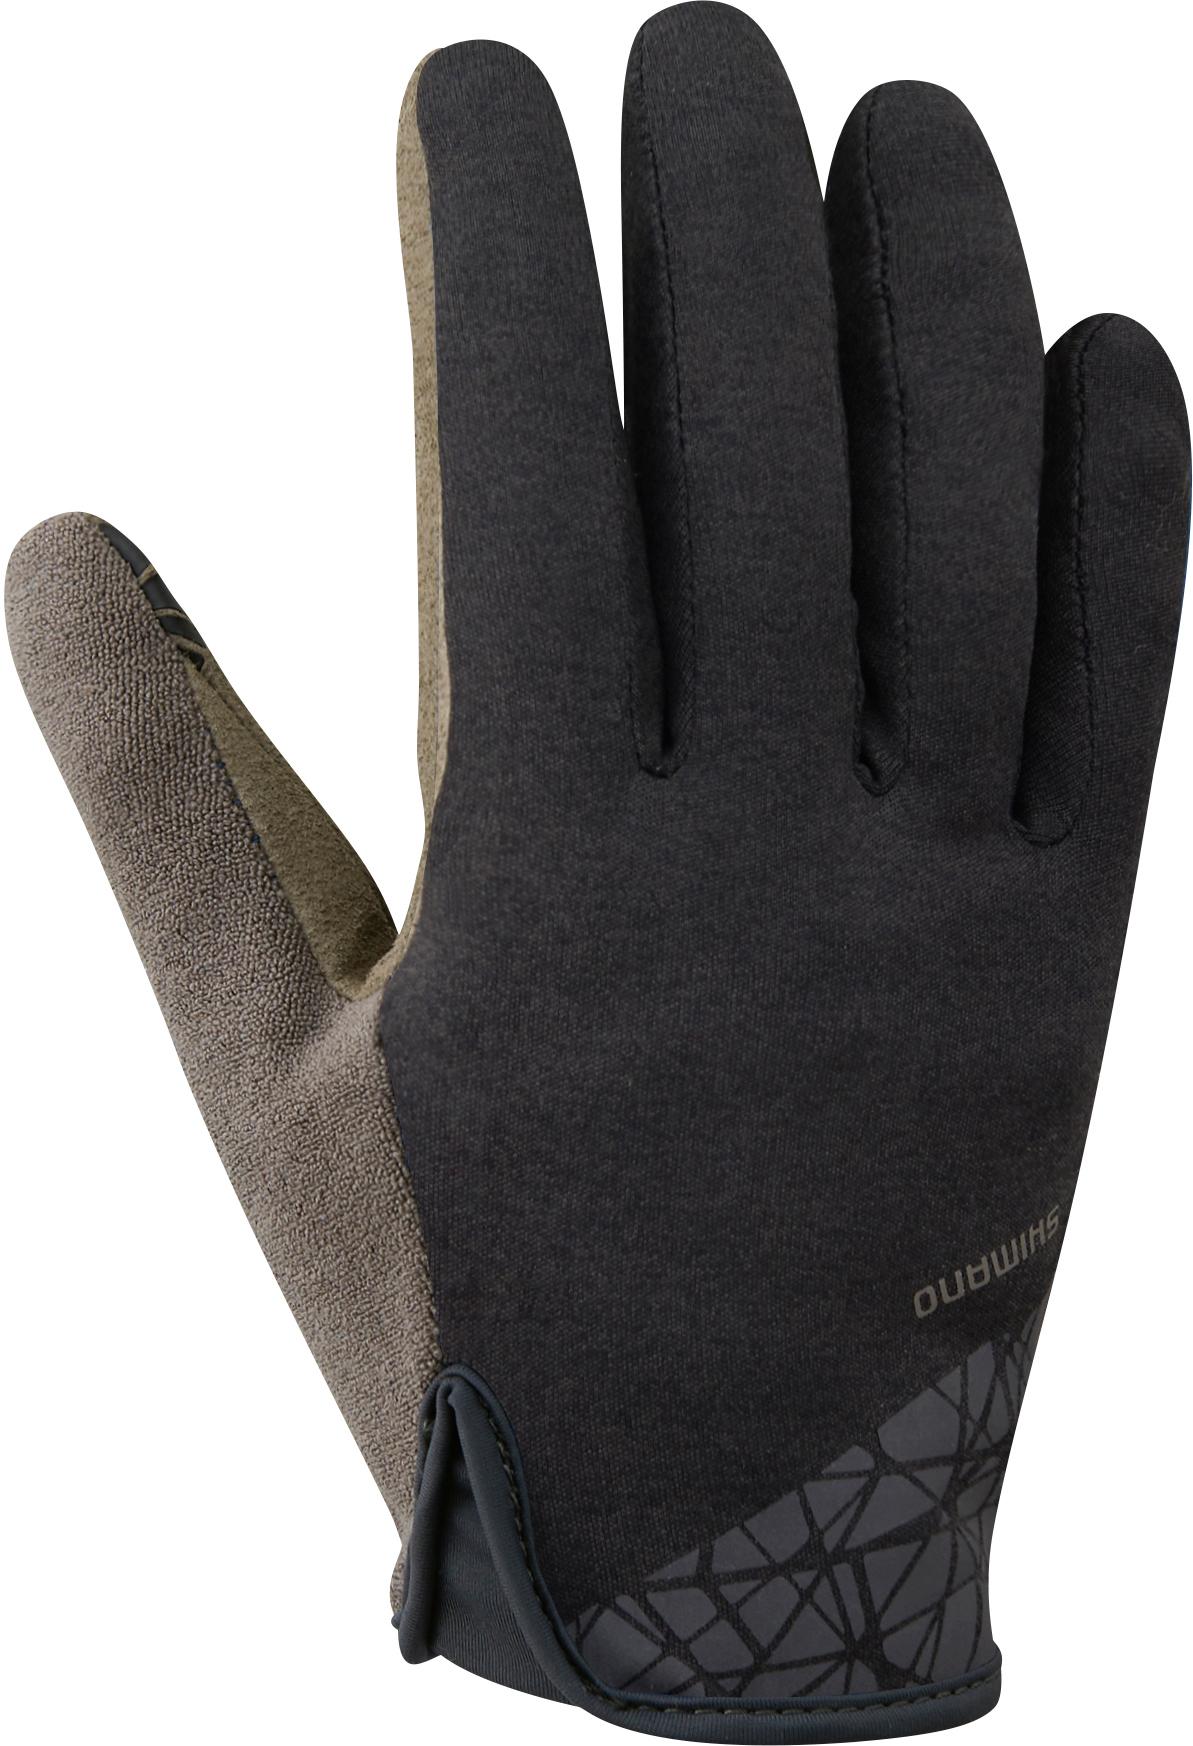 Shimano TRANSIT LONG rukavice, černá, M